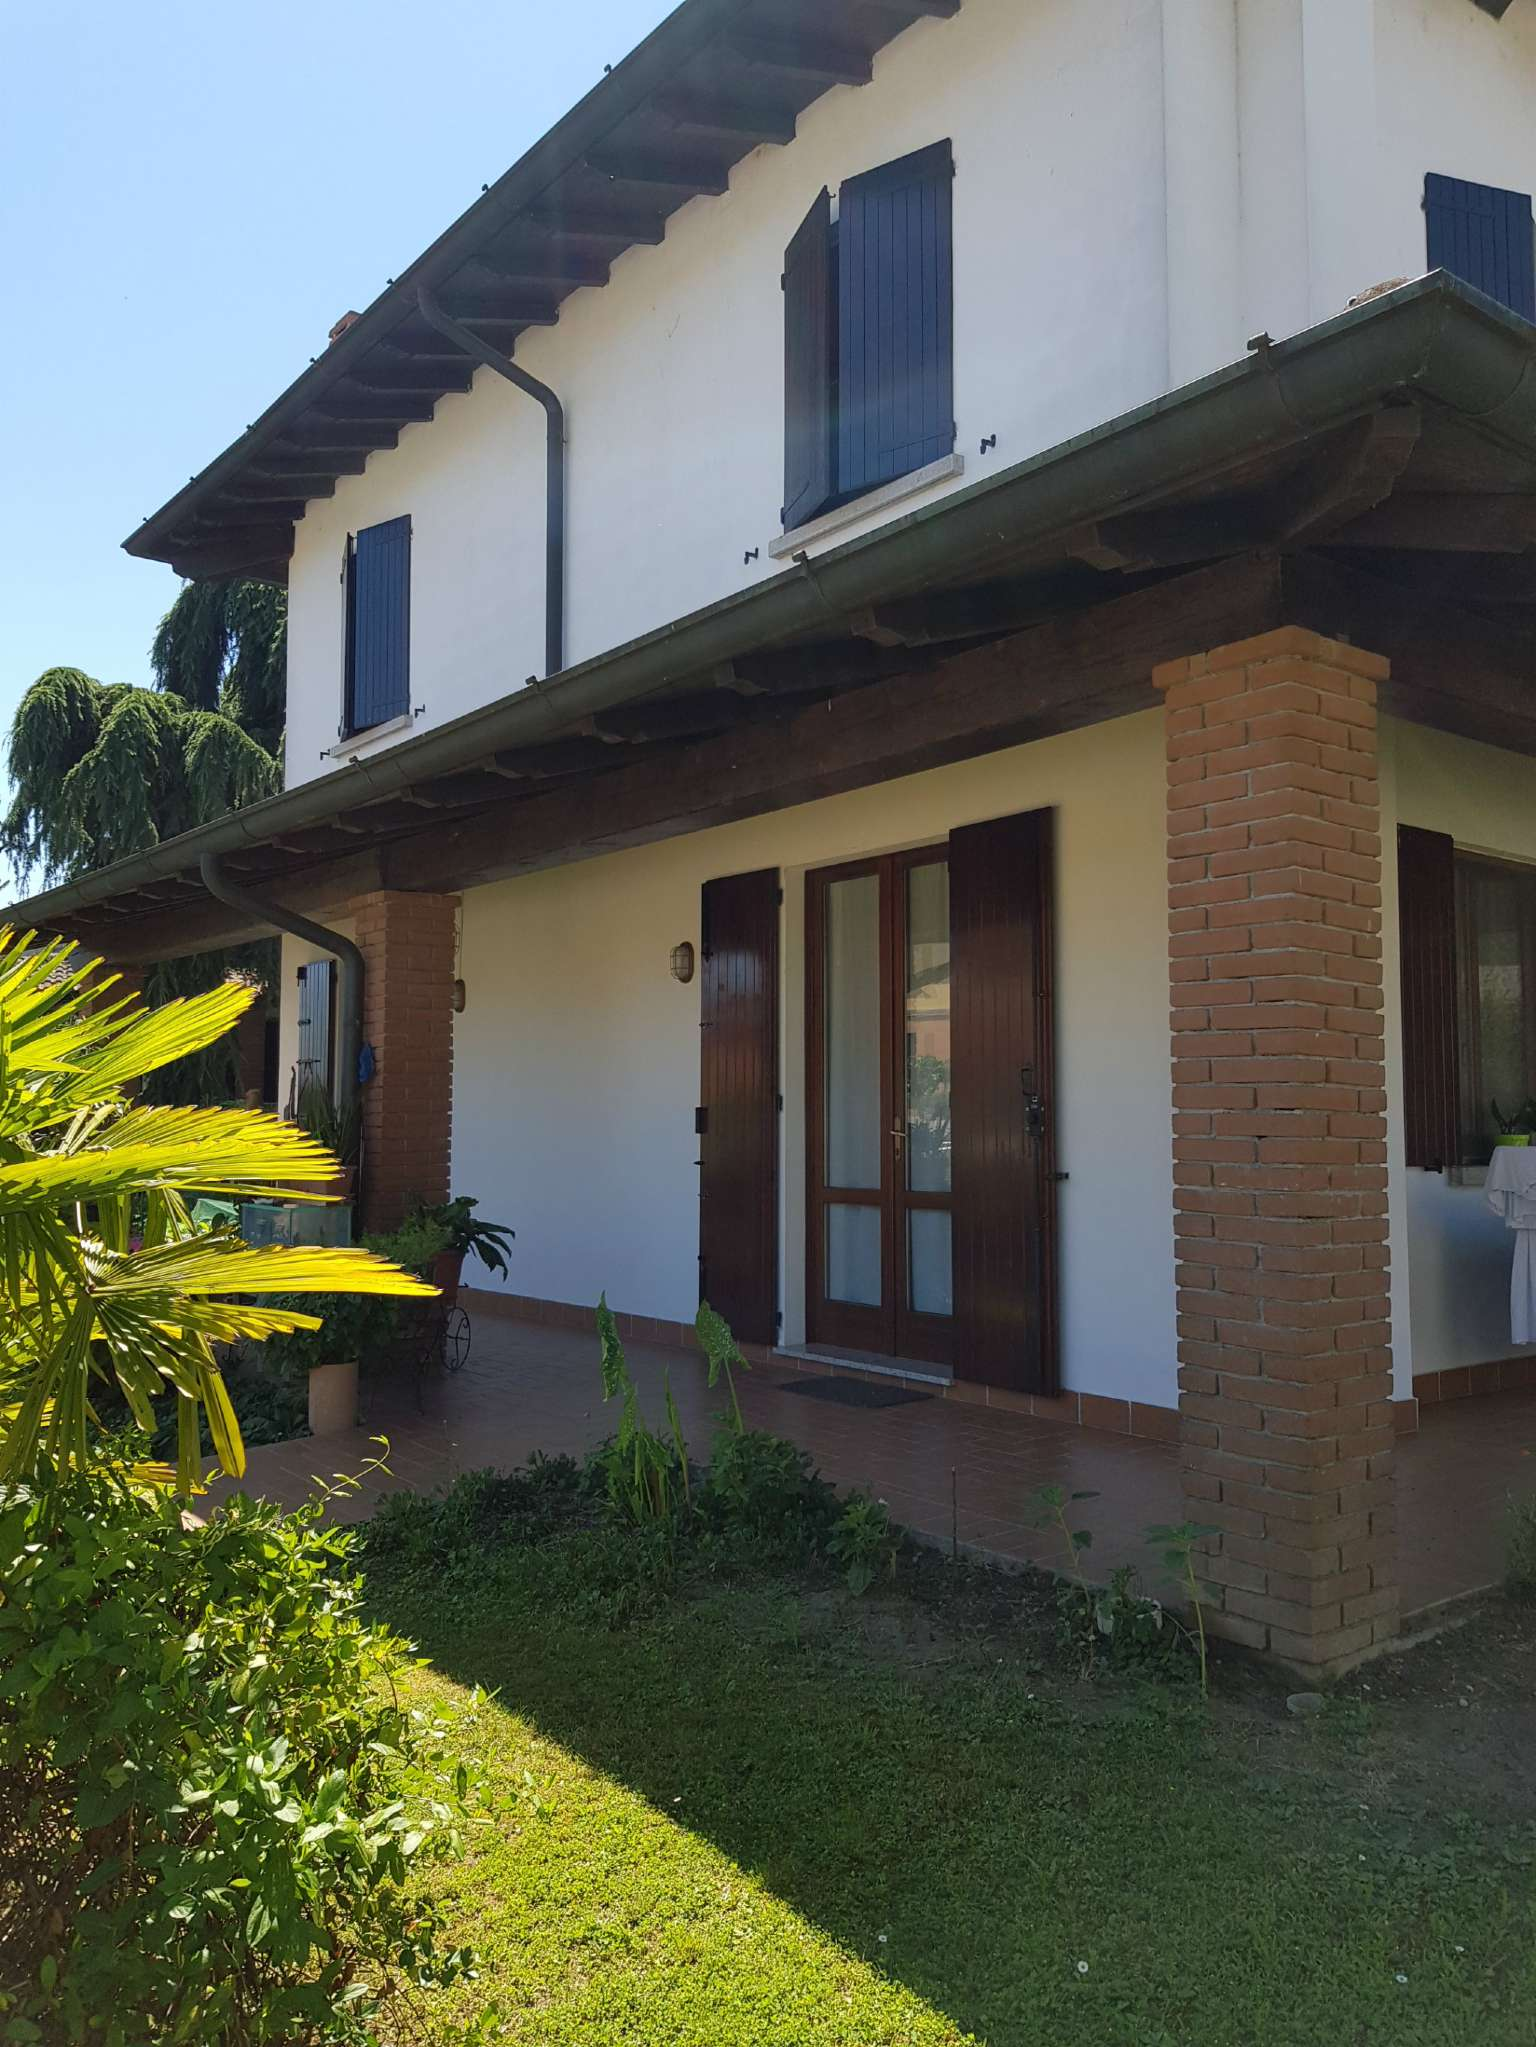 Villa in vendita a Gombito, 3 locali, prezzo € 129.000 | PortaleAgenzieImmobiliari.it